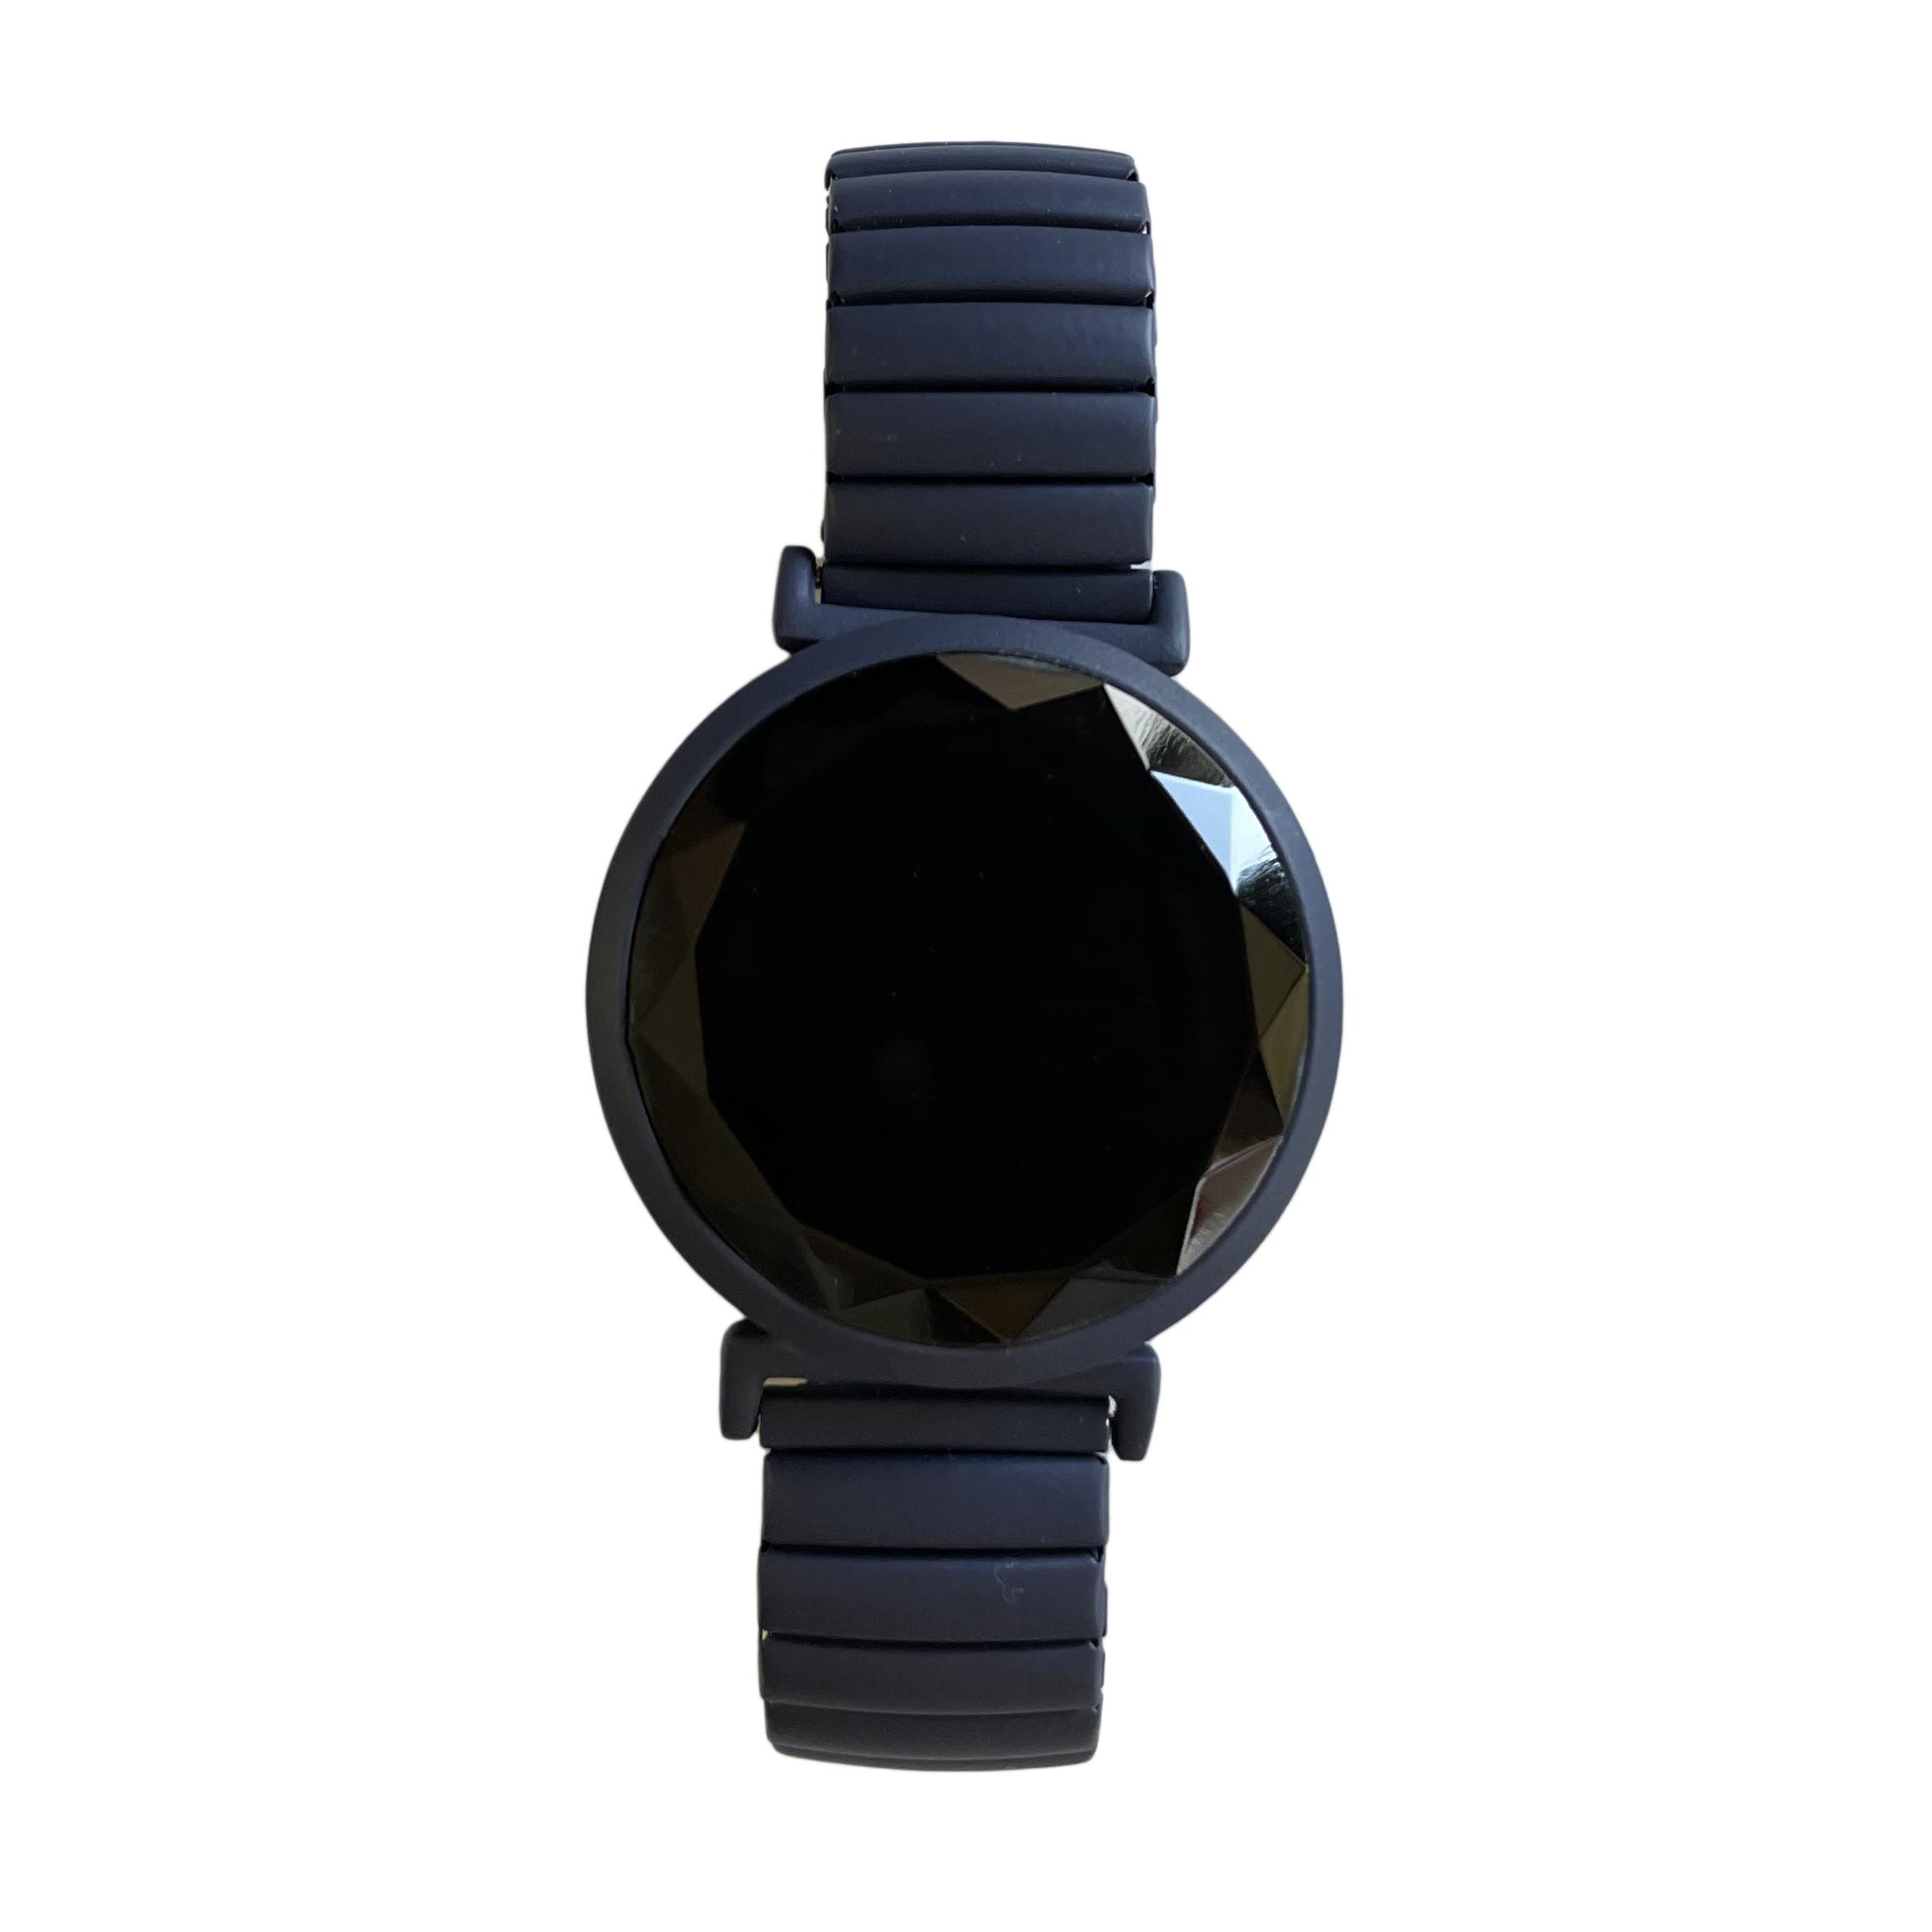 ساعت مچی دیجیتال مدل sw45